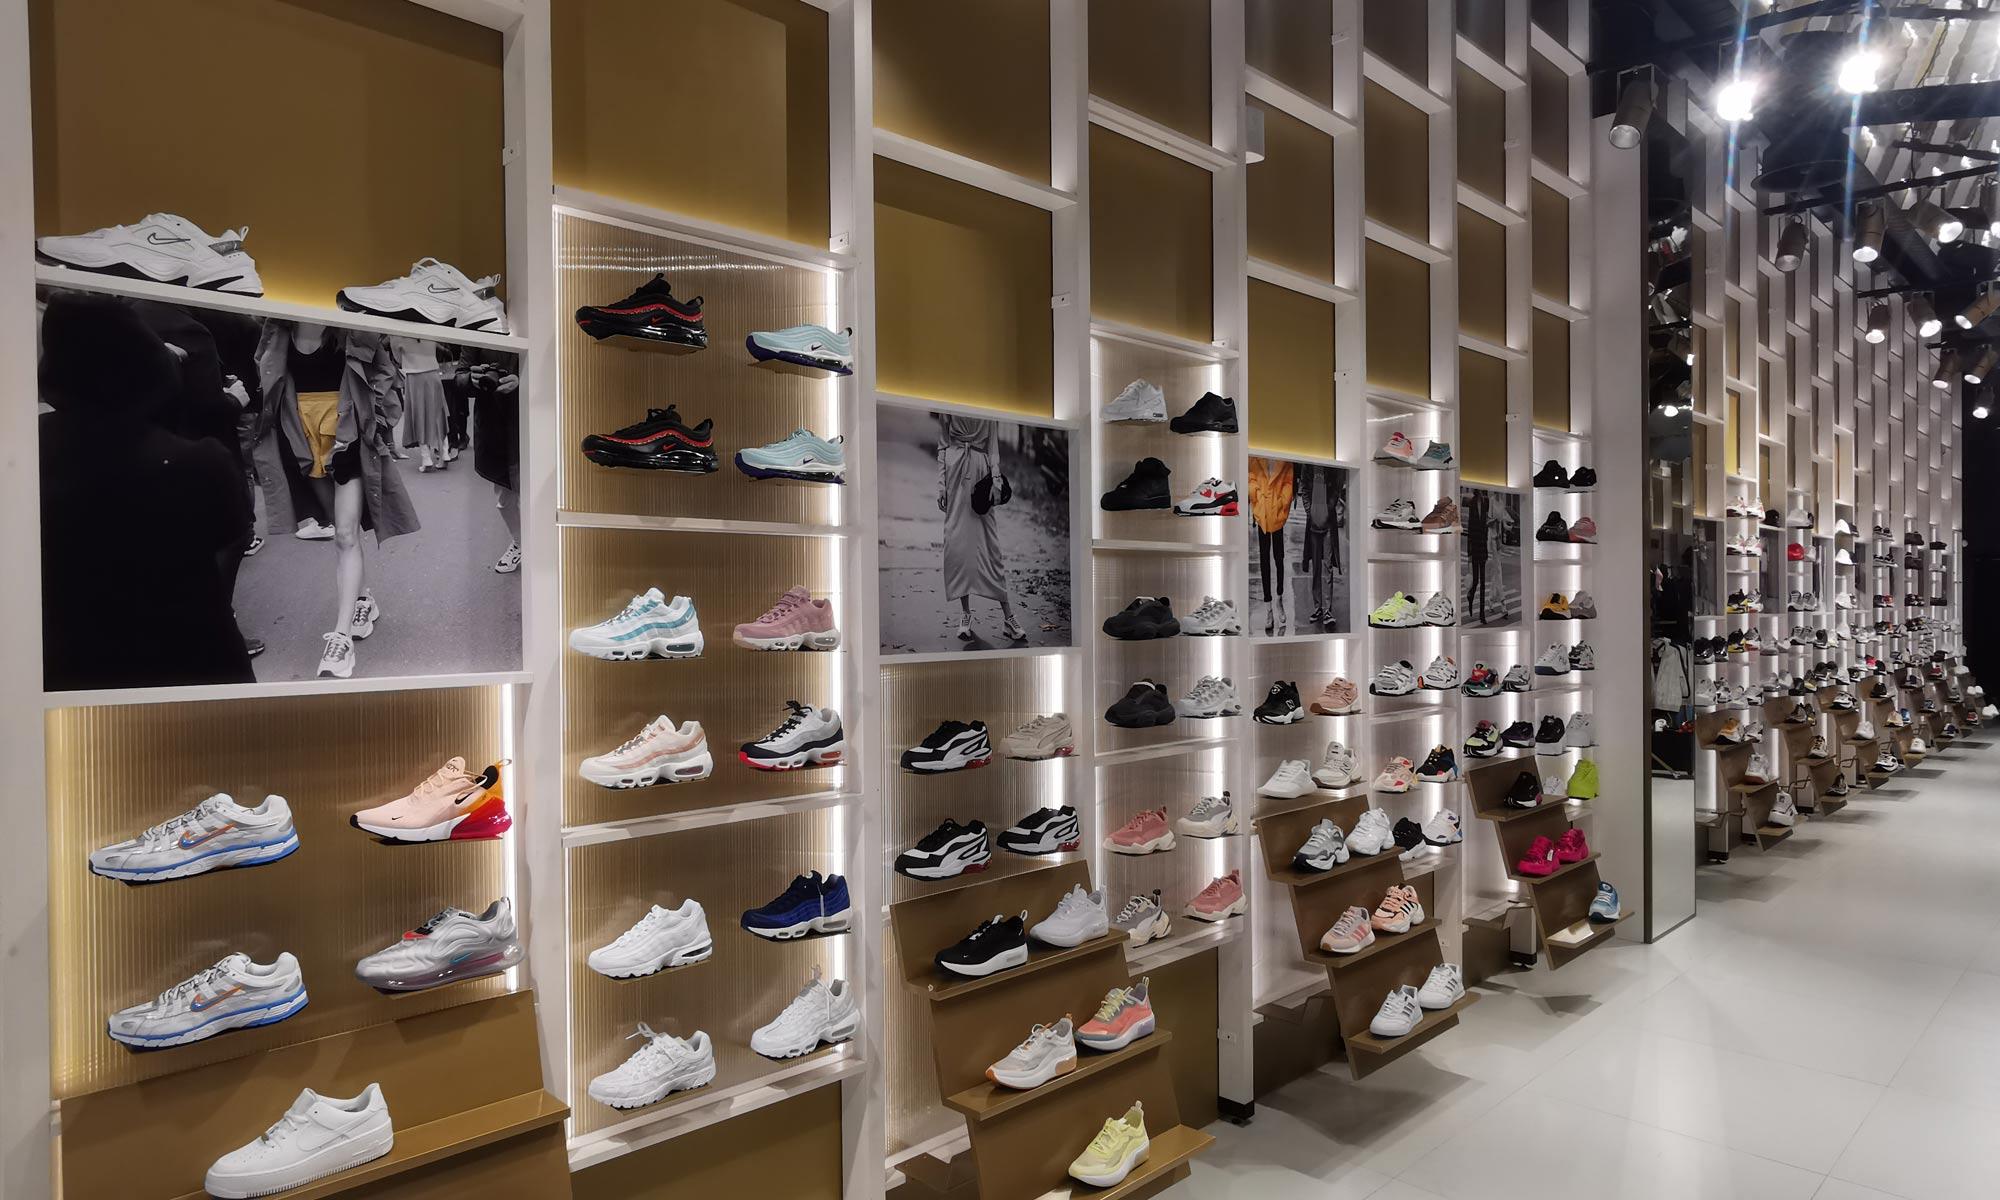 https://www.atelierzoz.com/wp-content/uploads/2020/03/works_atelierzoz_sneakershero-nicosia-6.jpg